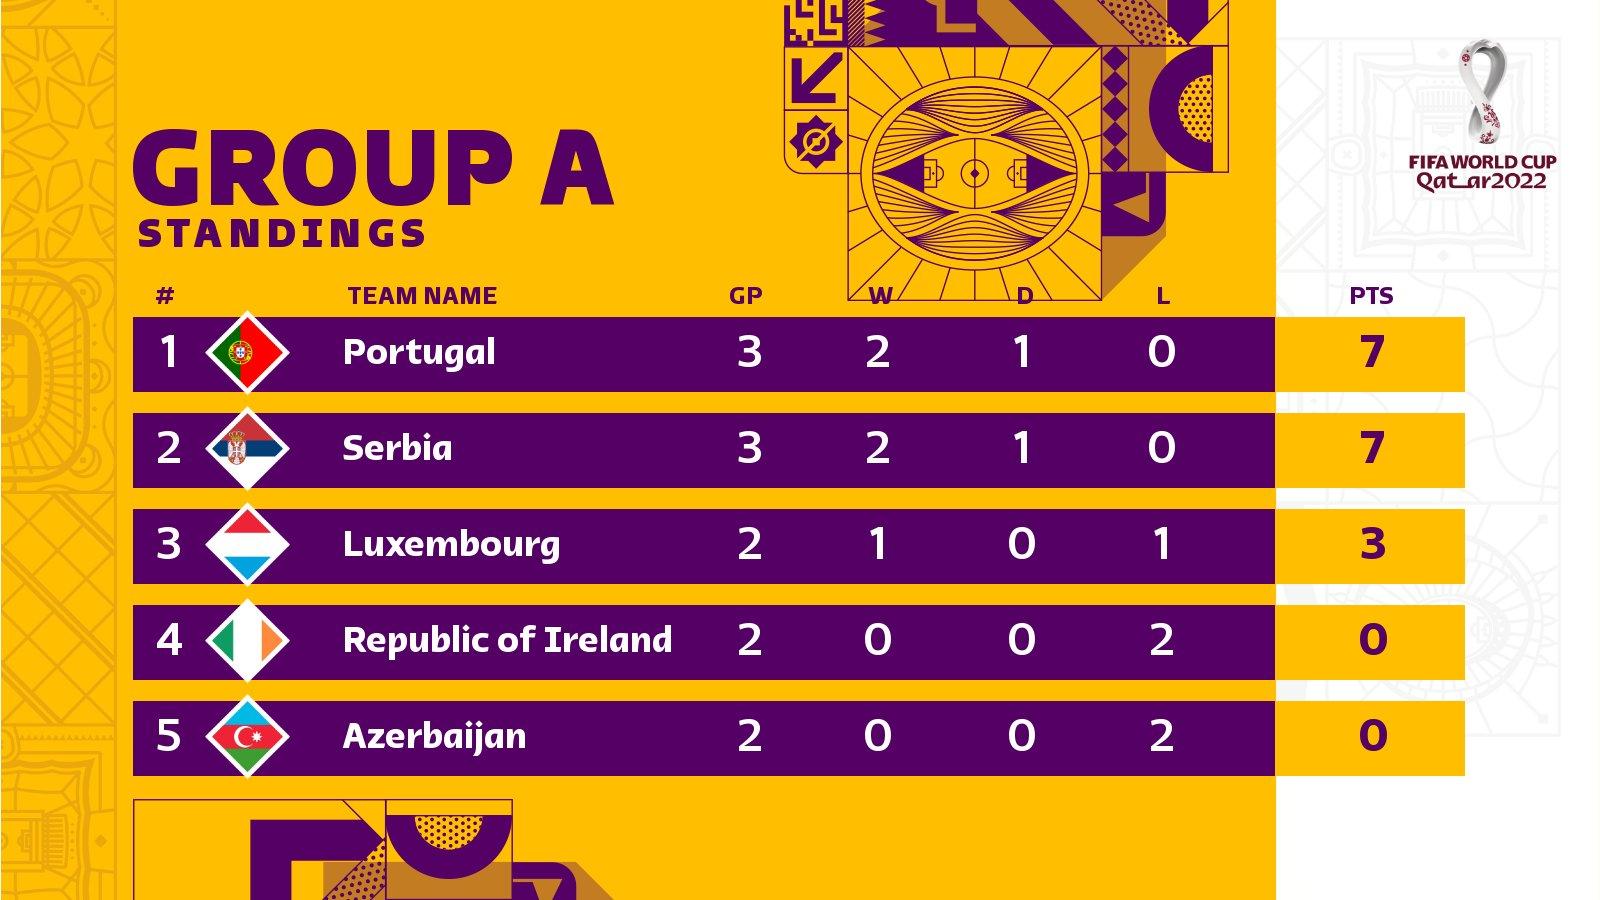 مباريات المنتخب السعودي تصفيات كأس العالم 2022